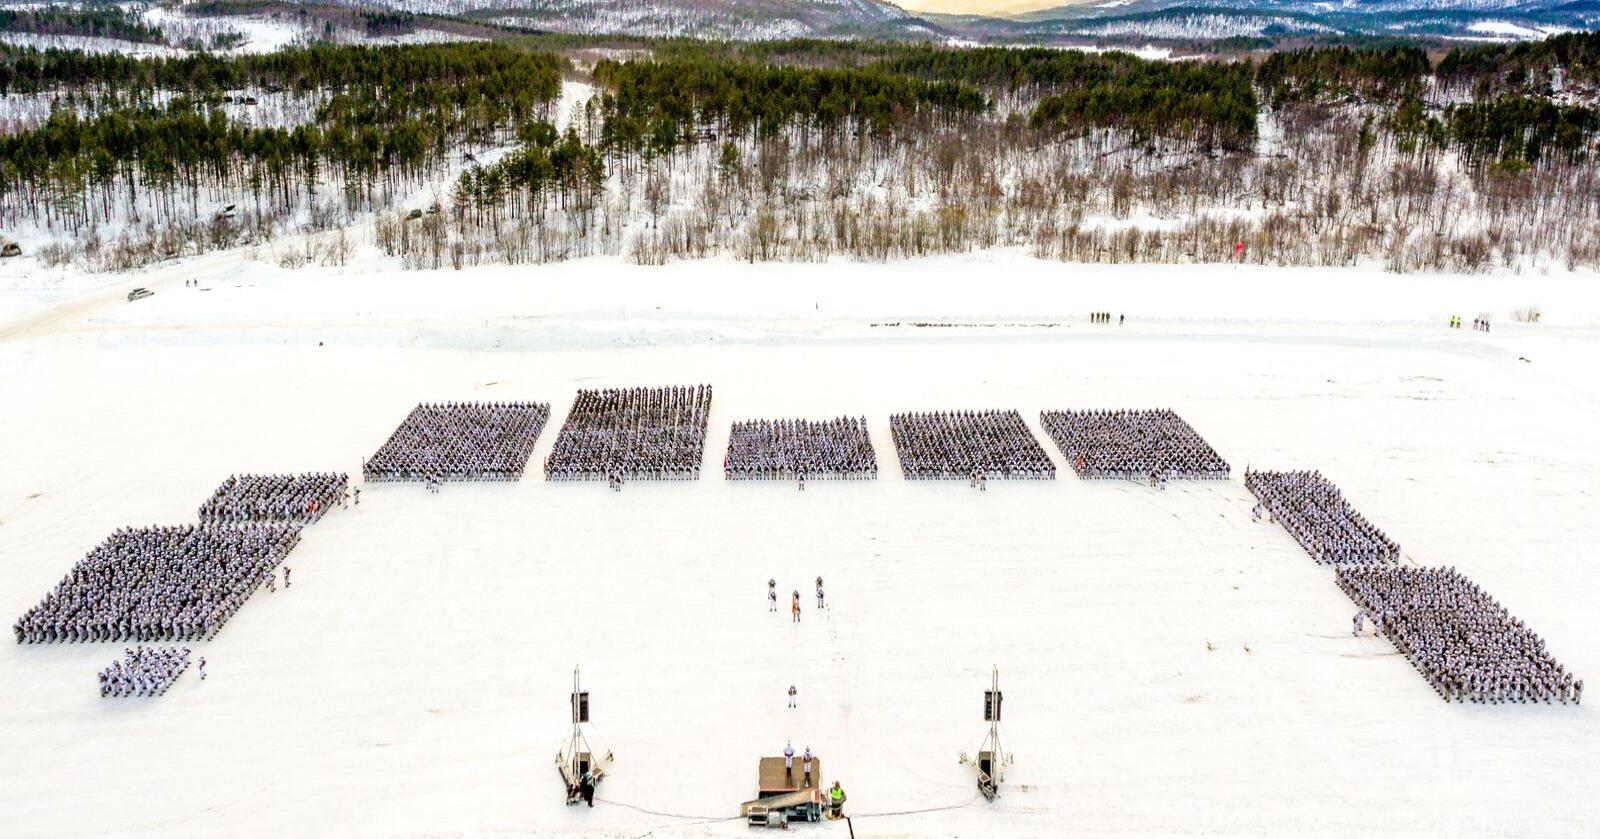 Disse 3.000 soldatene fra Brigade Nord, oppstilt på Artillerisletta ved Setermoen leir i anledning vinterøvelsen Joint Reindeer i 2018, er største delen av mannskapet Hæren har tilgjengelig for å komme Finnmark til unnsettning i tilfelle krig. Foto: Ole-Sverre Haugli / Forsvaret